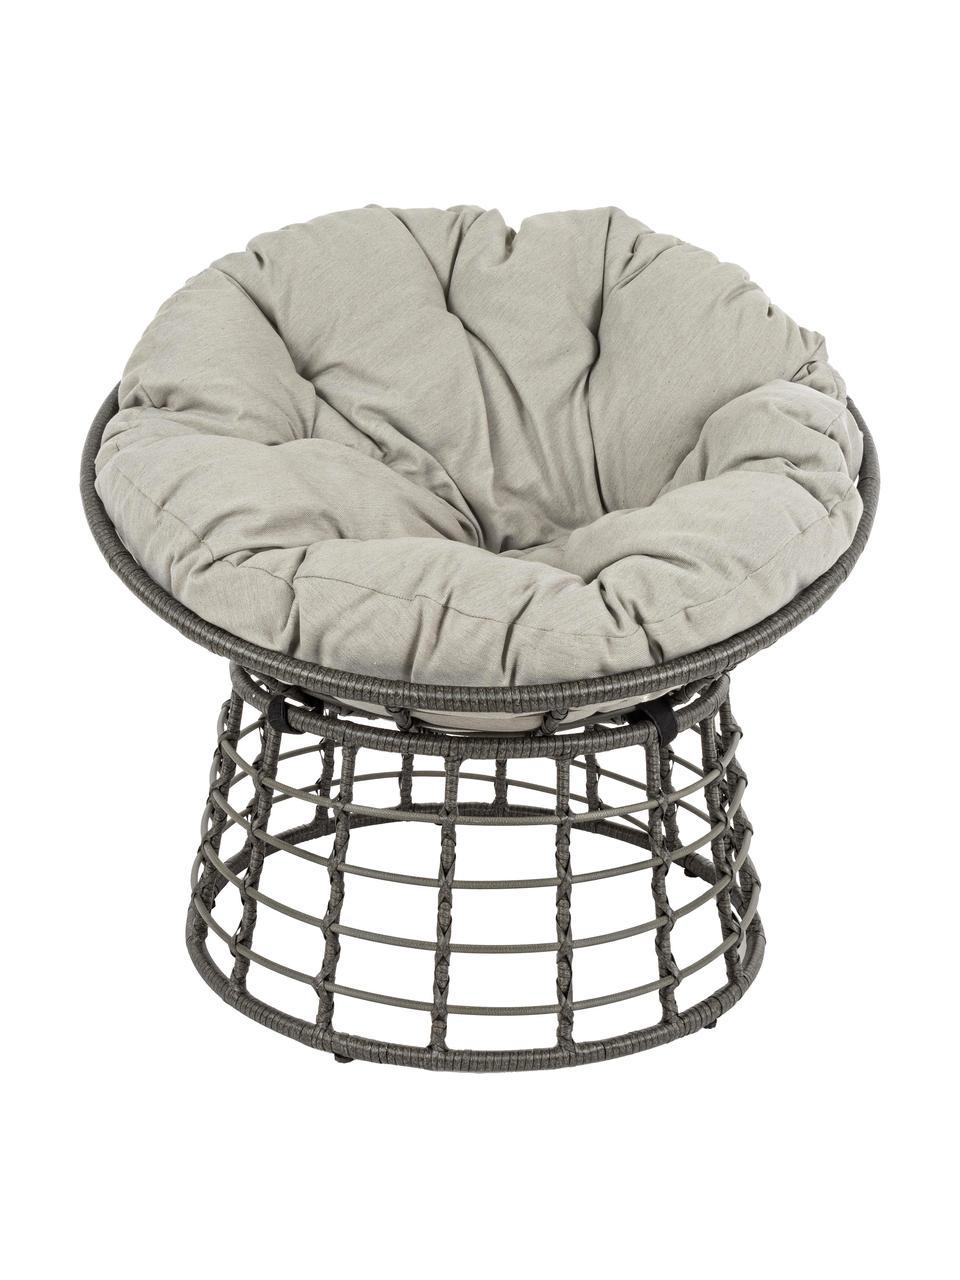 Fotel papasan z tworzywa sztucznego z poduszką na siedzisko Molly, Tapicerka: poliester, Szary, jasny szary, Ø 92 x W 78 cm